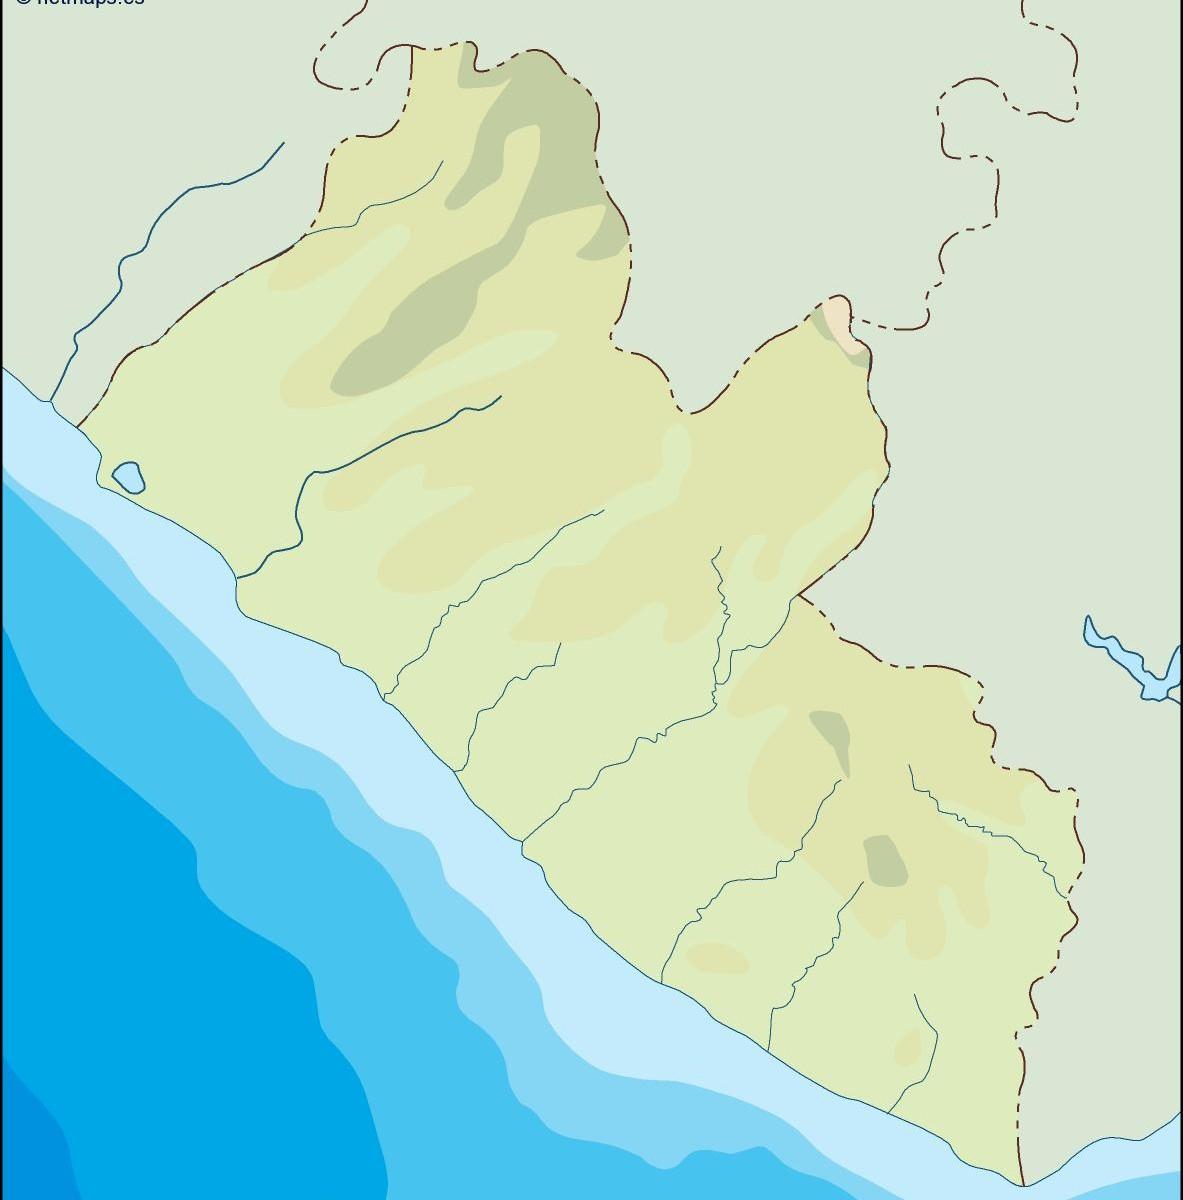 Liberia Illustrator Map Vector Eps Maps Eps Illustrator Map